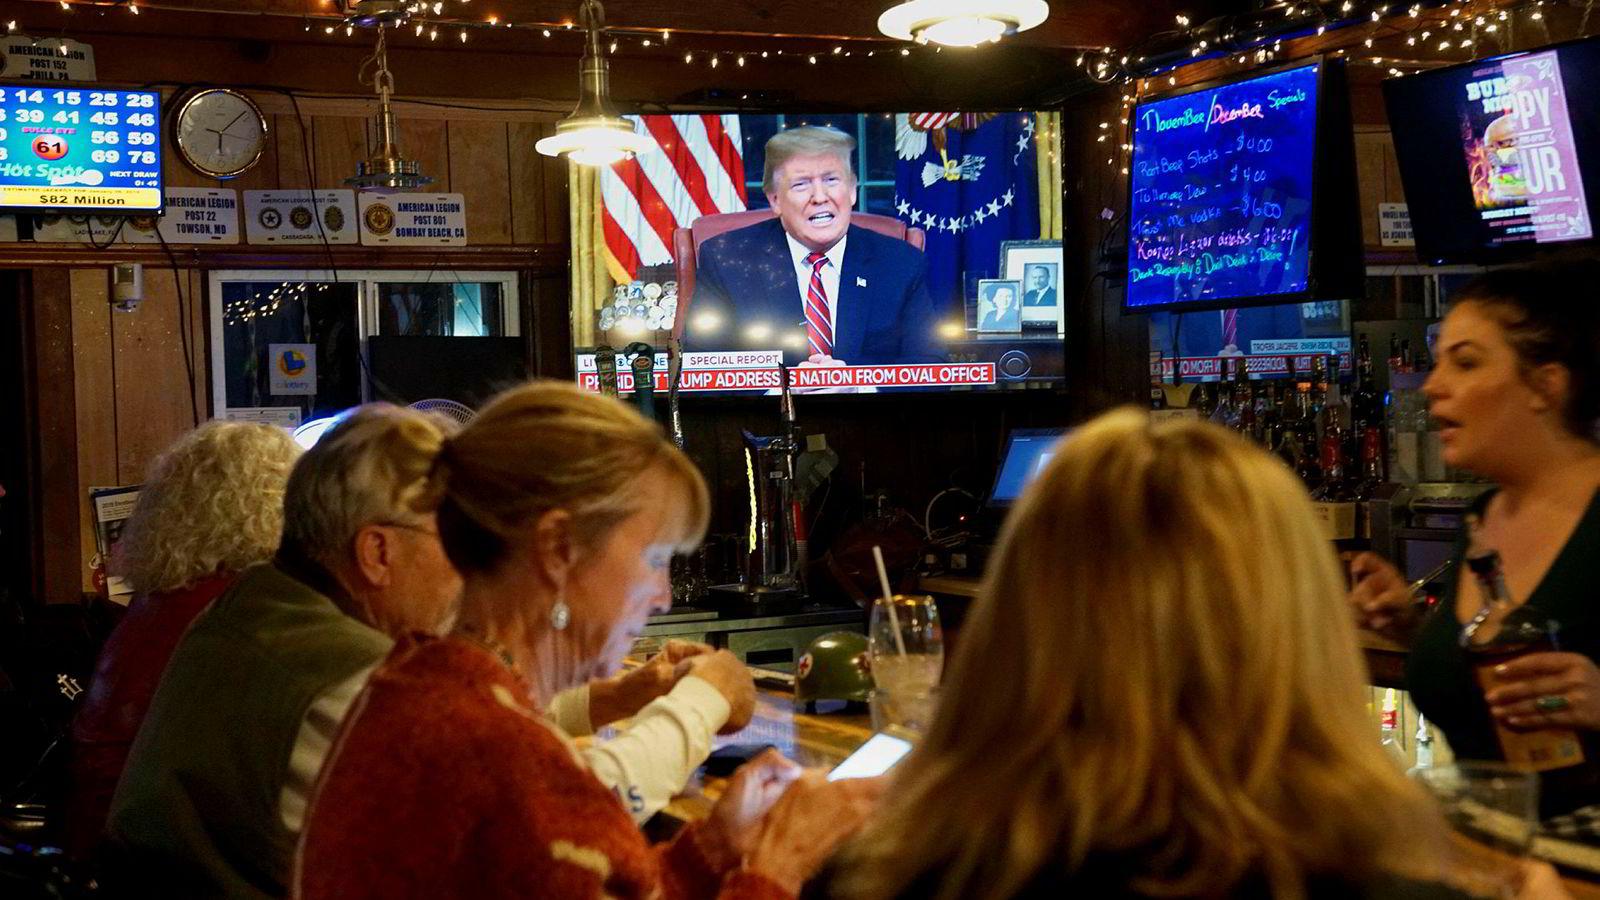 «Who blinks first?», spør amerikanske medier. President Donald Trump ønsker milliarder til å bygge mur mot Mexico. For demokratene, som har overtatt flertallet i Representantenes hus, vil det være ydmykende å bøye av for presidenten ved første konfrontasjon. Her fra en pub i Encinitas, California under talen til president Trump 8. januar.